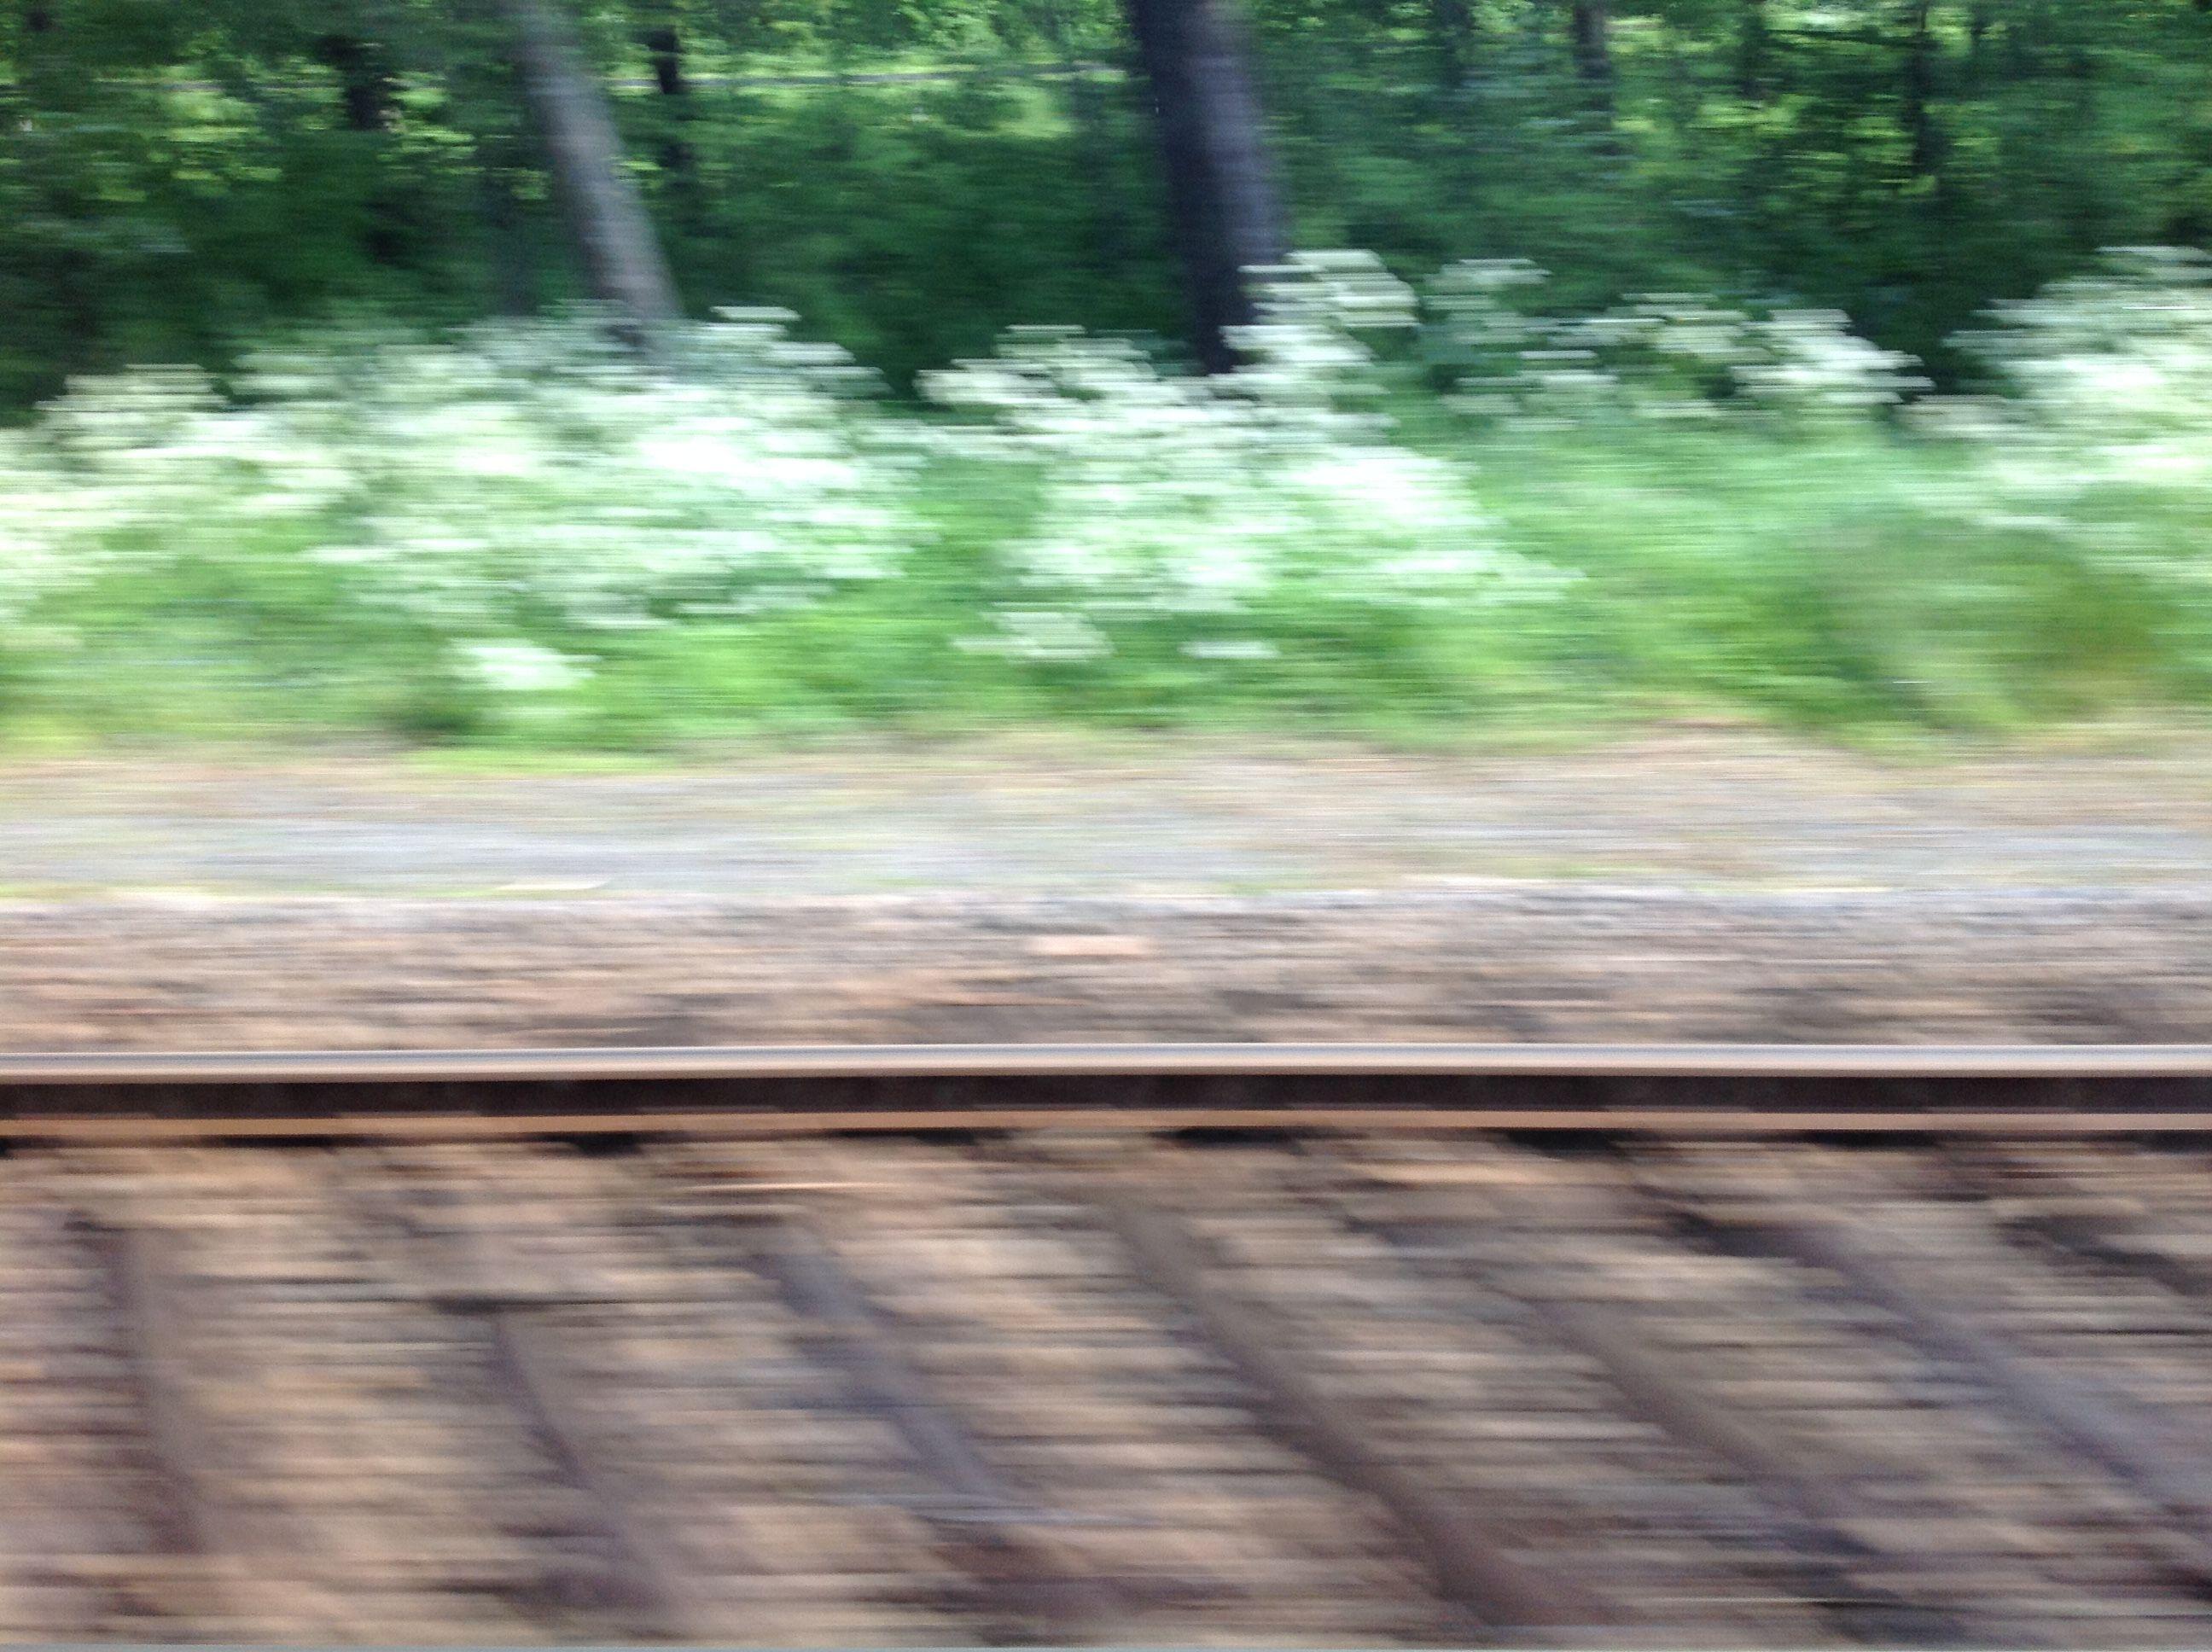 #synchroonkijken dag 3 #snelheid